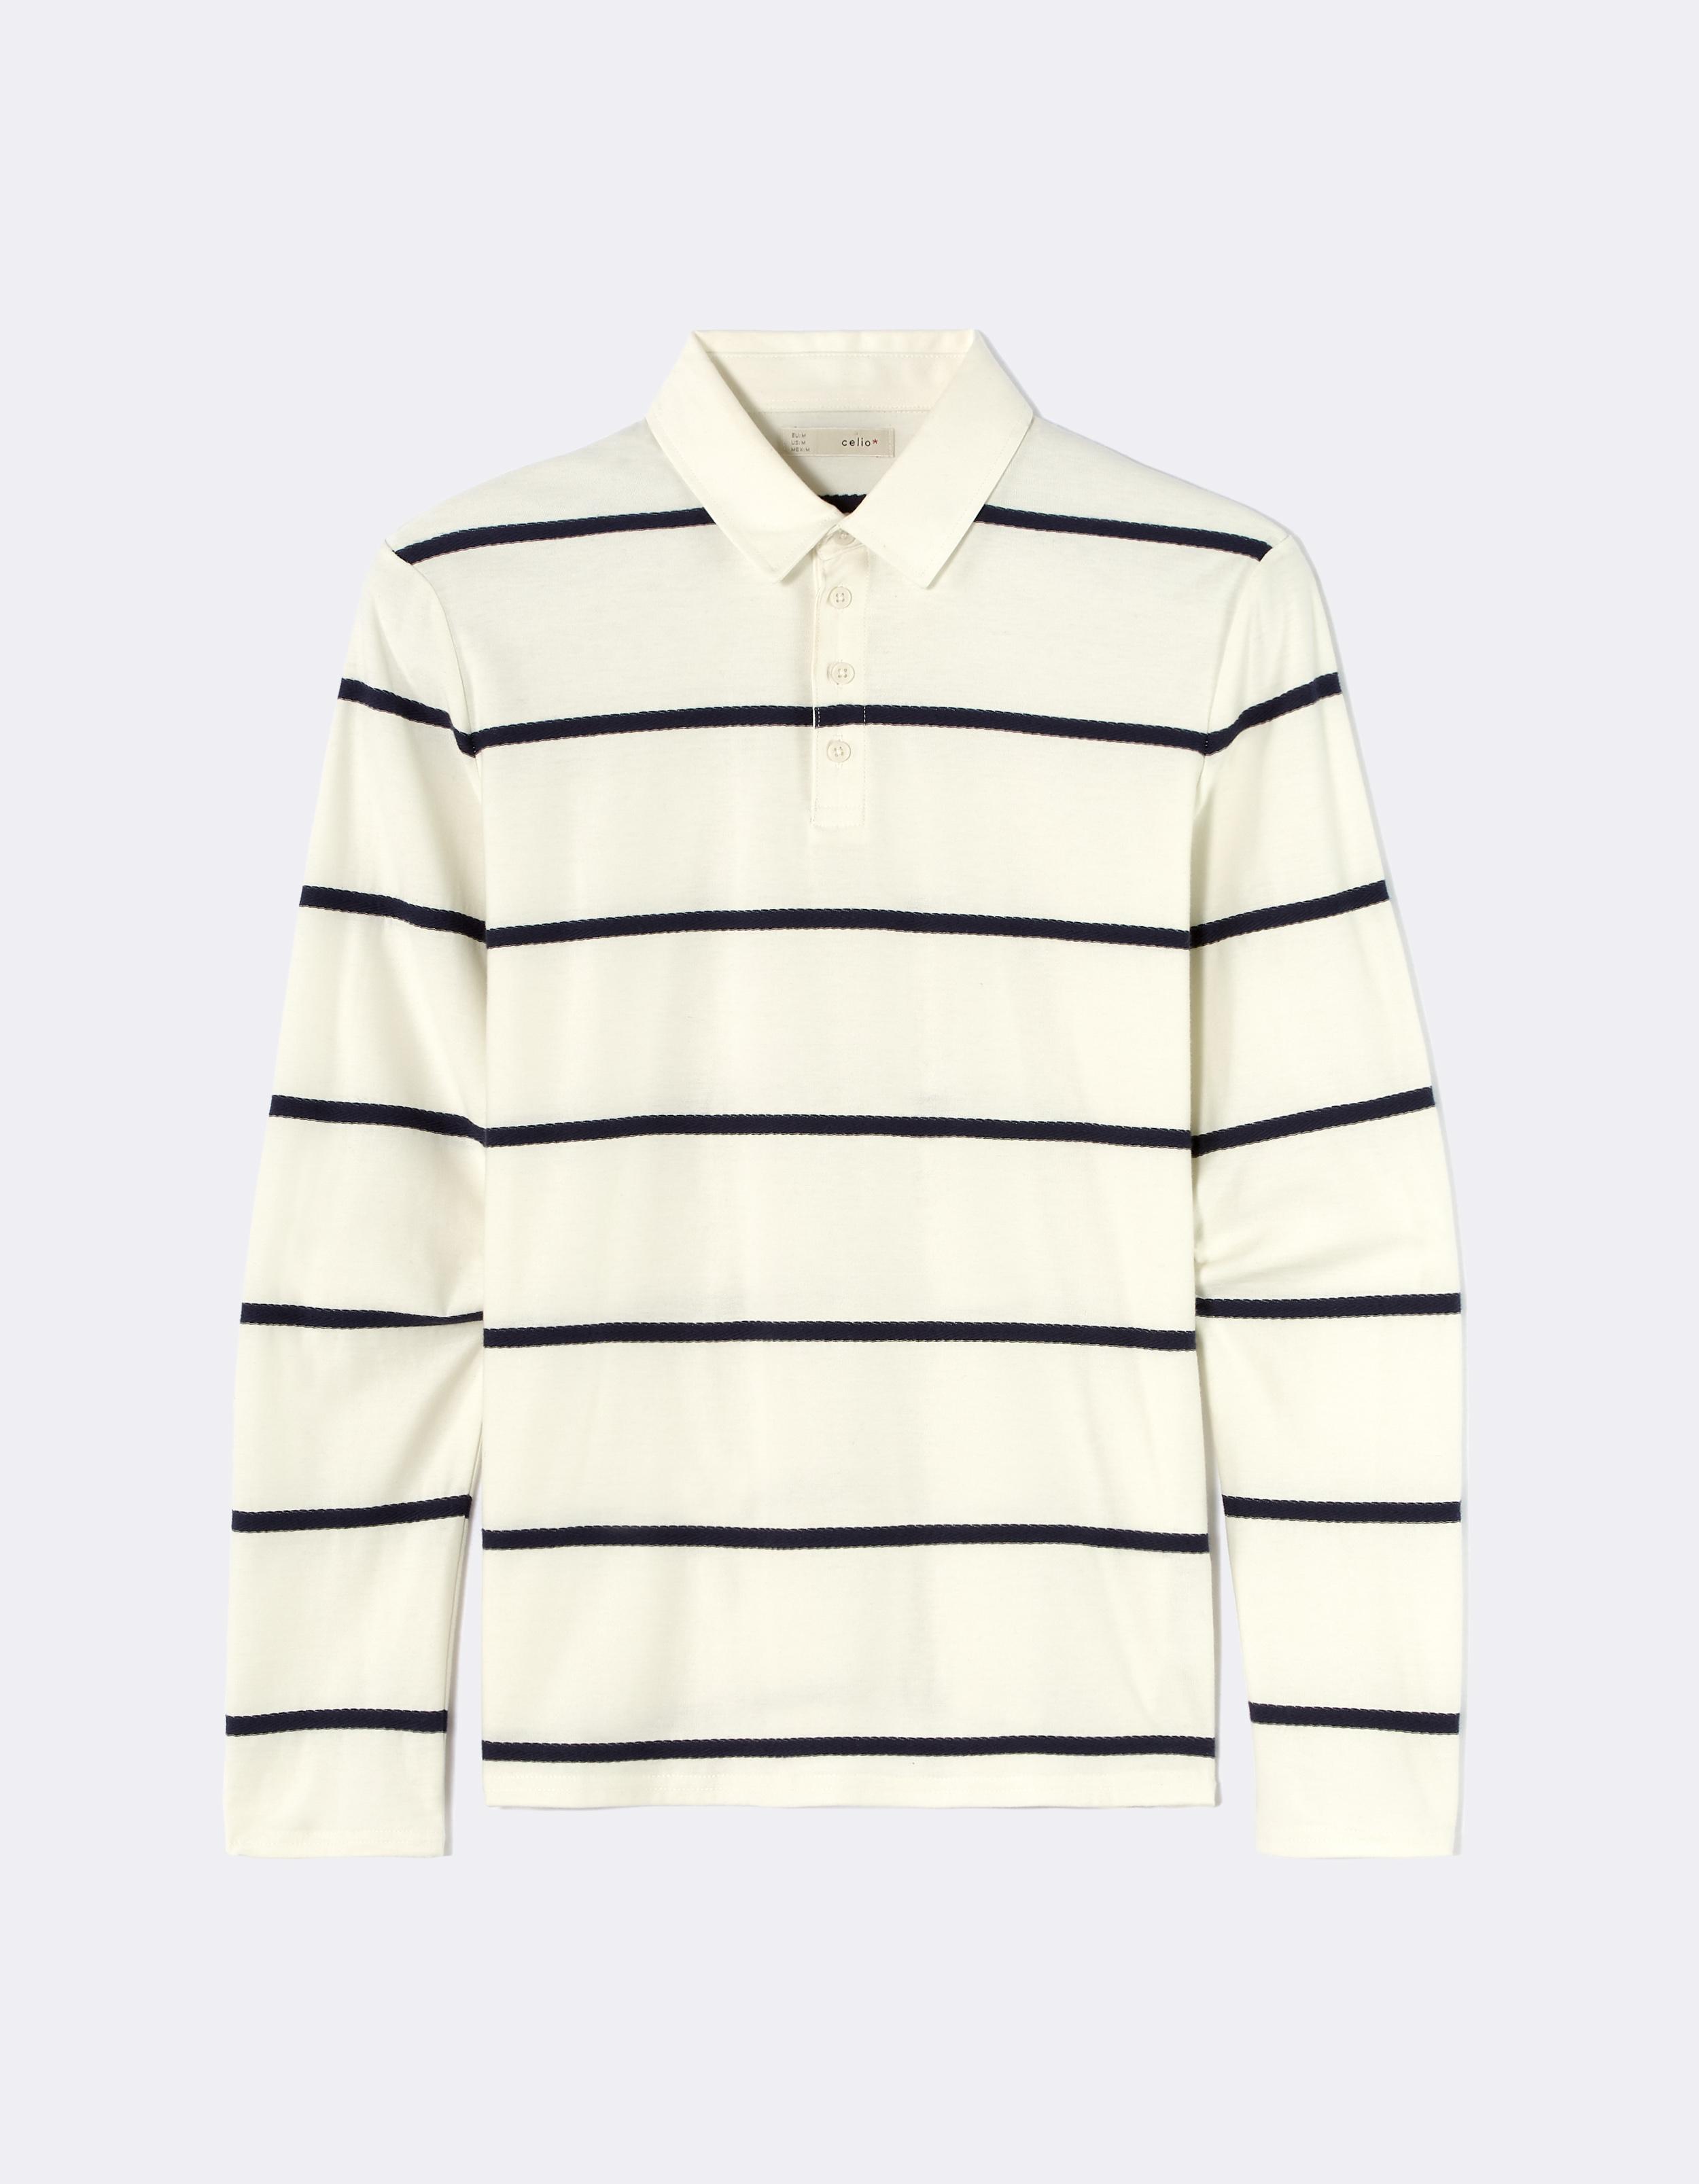 חולצת פולו ג'רזי, 100% כותנה